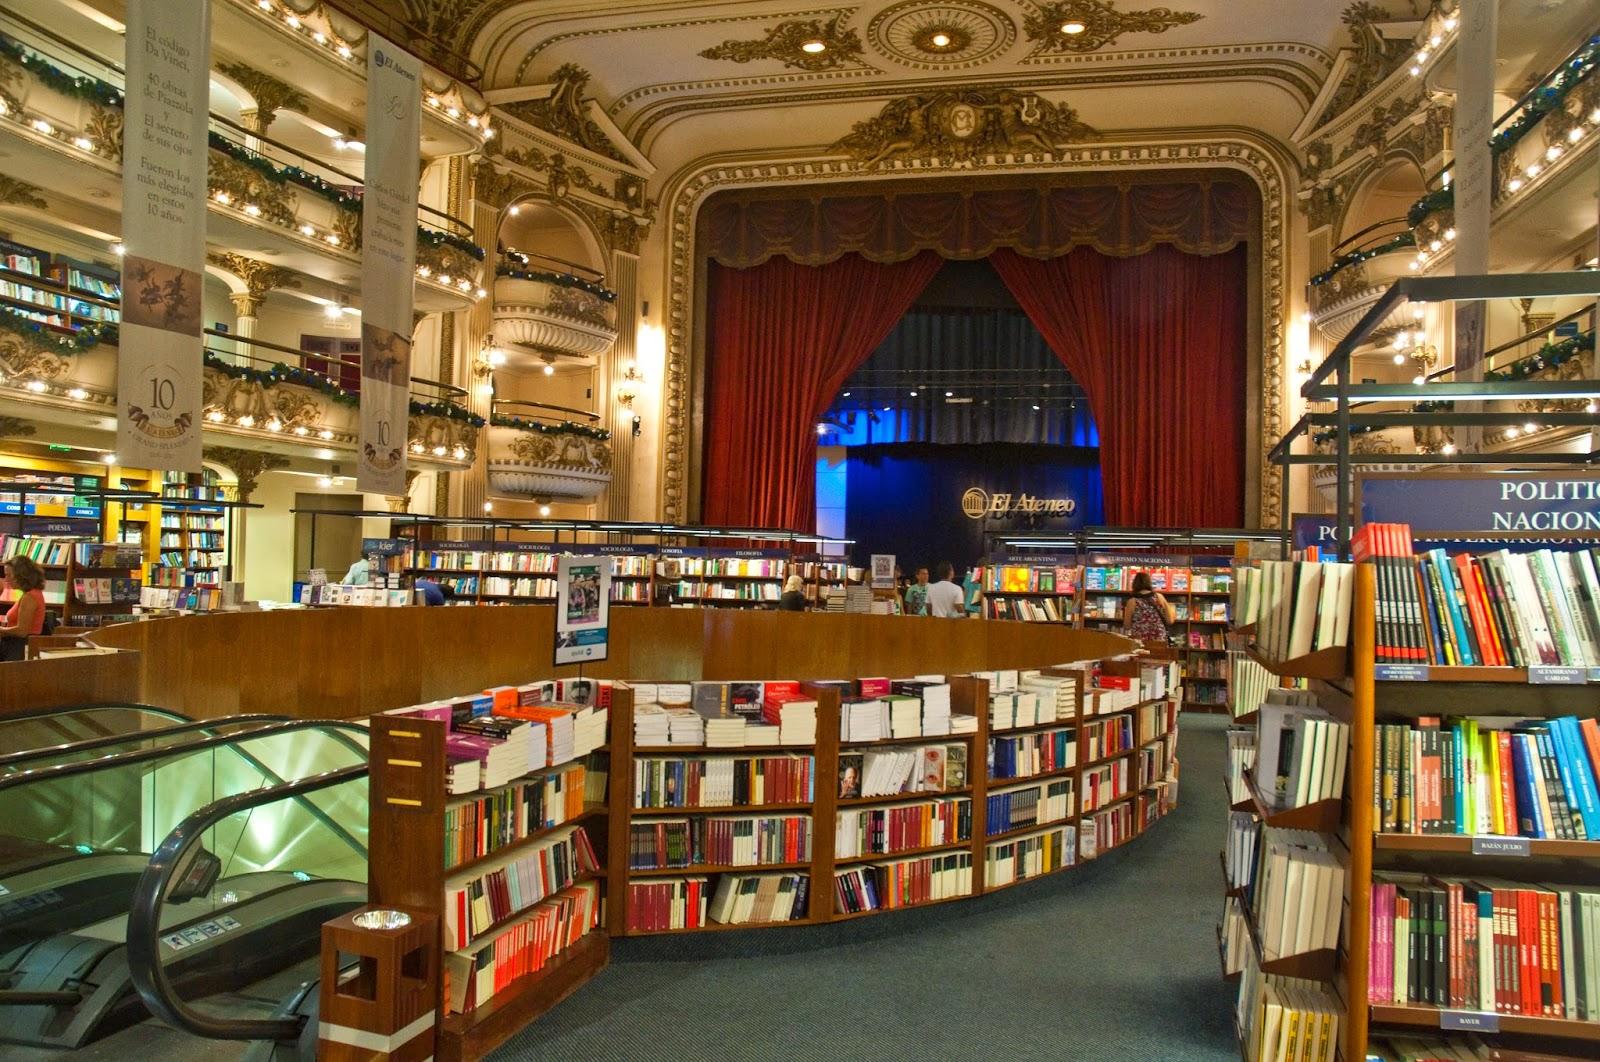 Libreria El Ateneo de Buenos Aires